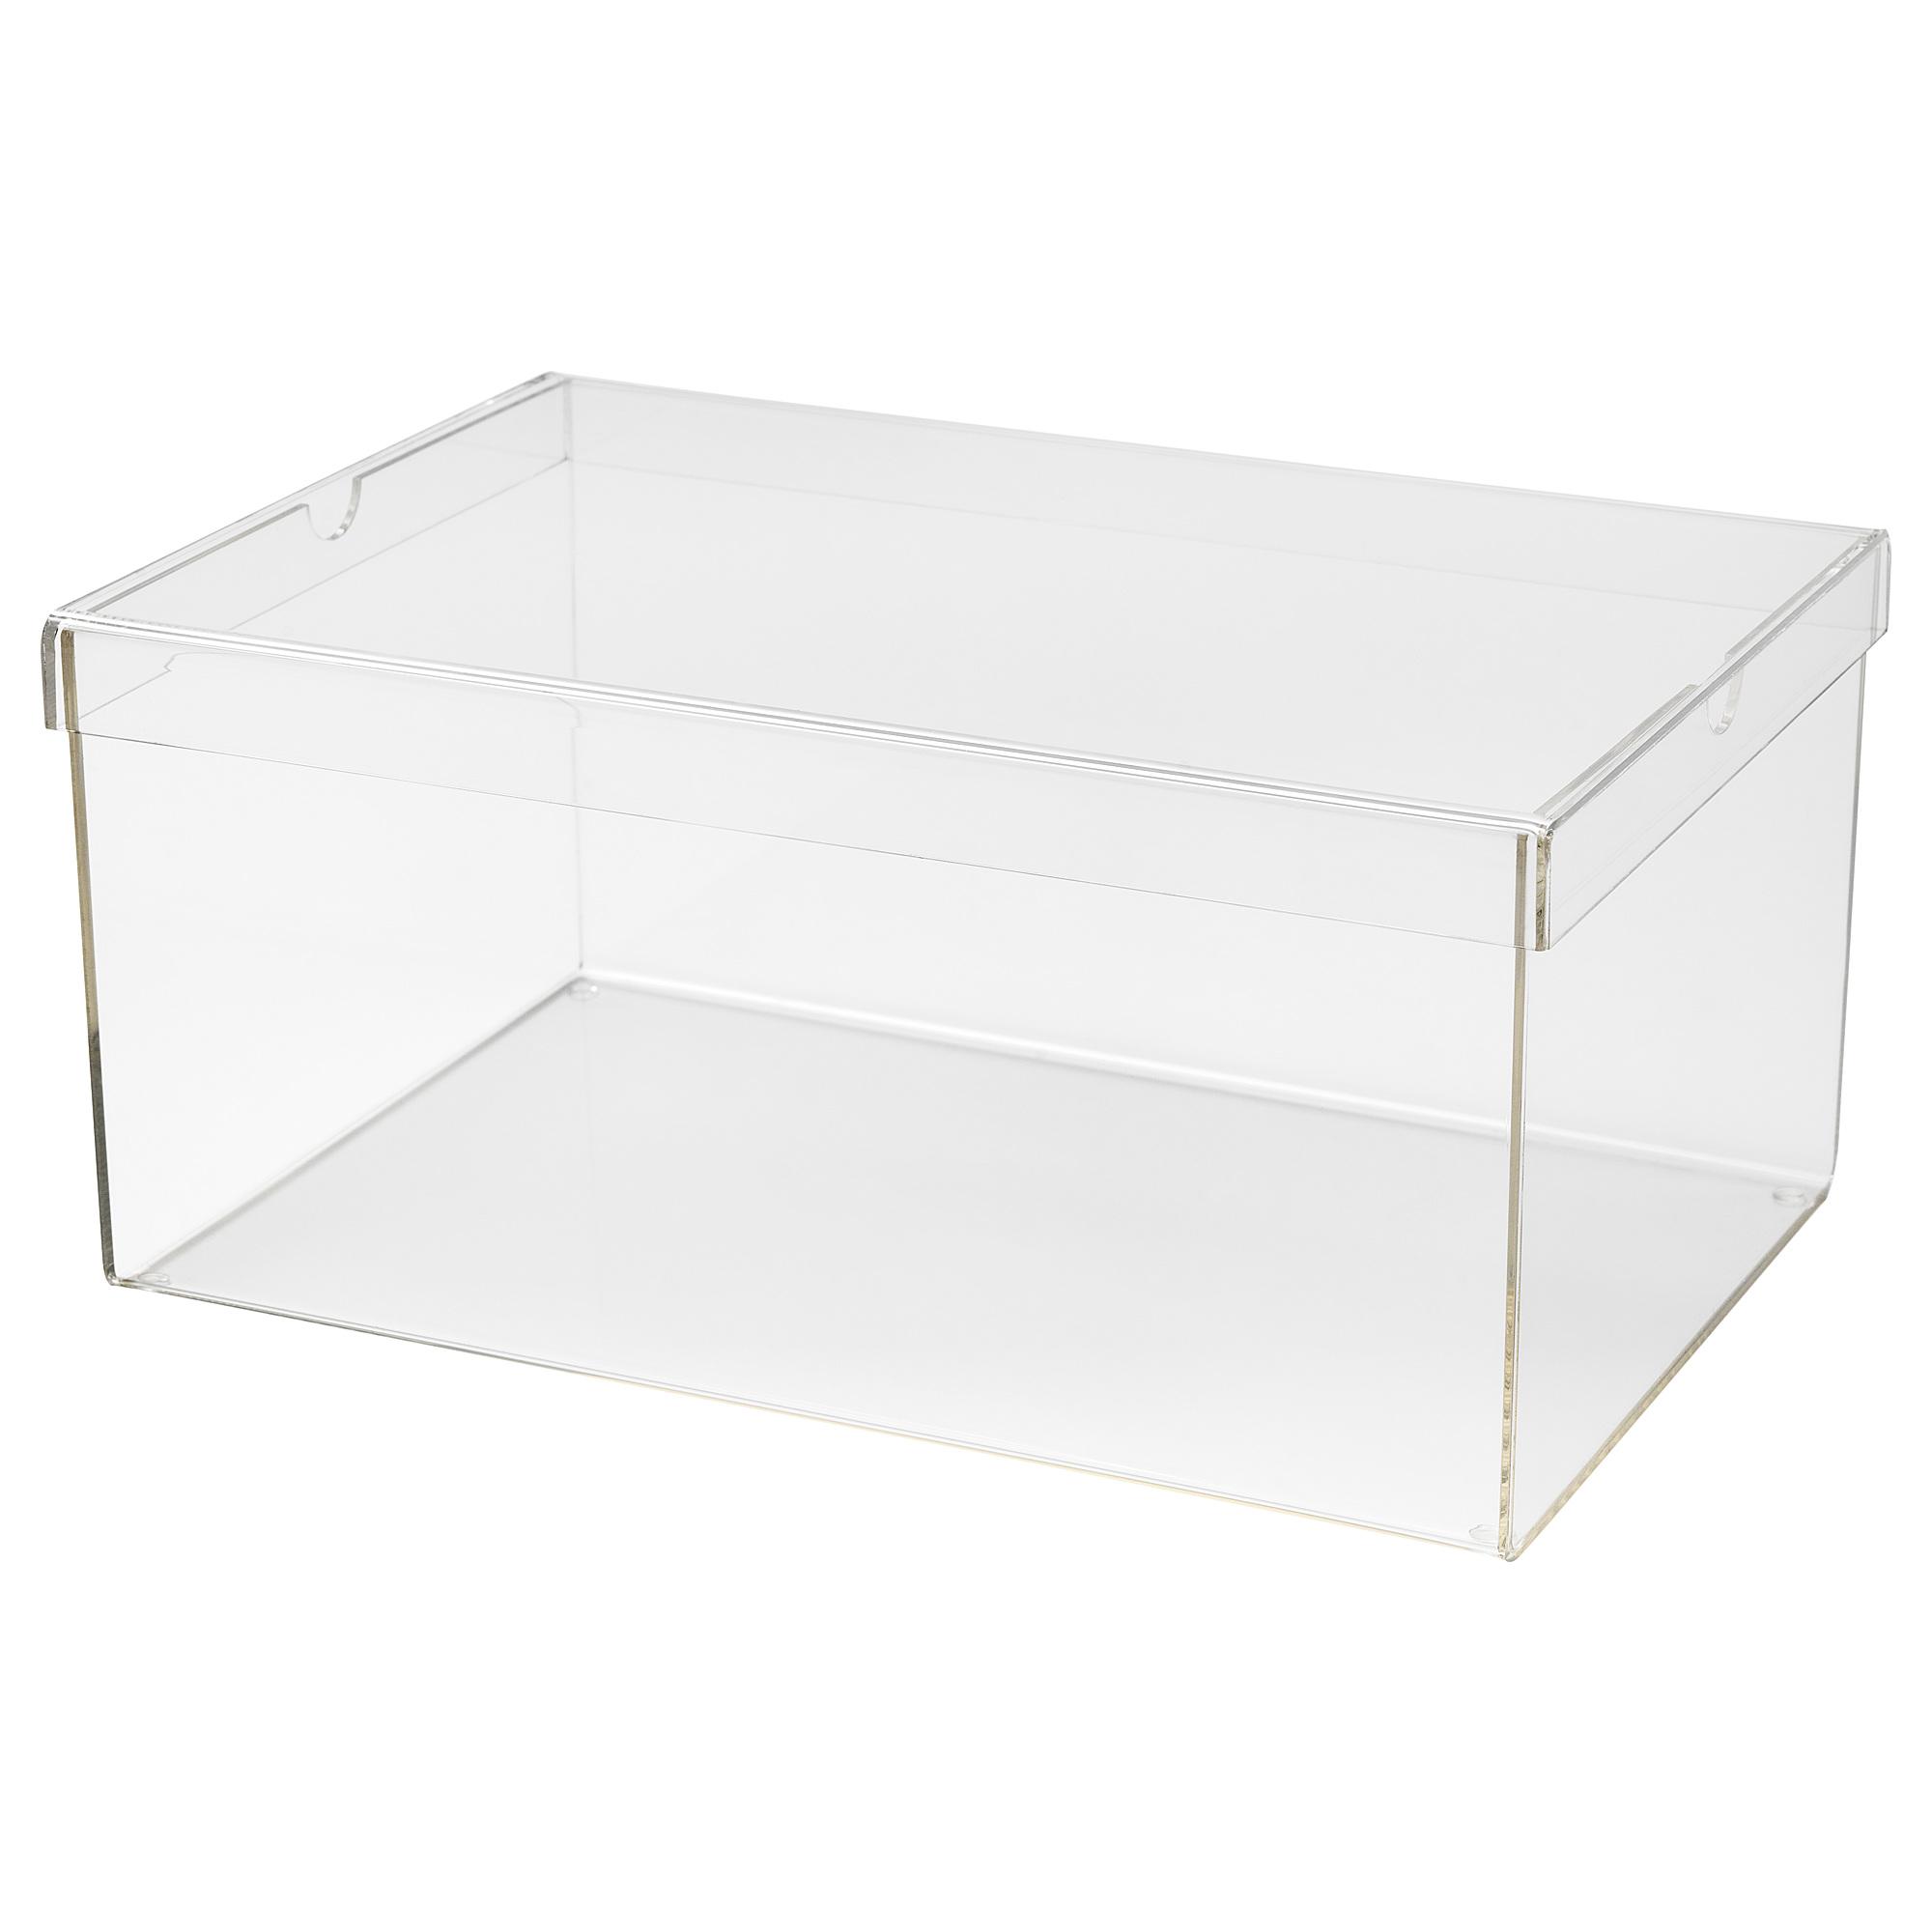 Коробка для обуви СПЭНСТ прозрачный артикуль № 204.012.66 в наличии. Онлайн сайт IKEA Республика Беларусь. Быстрая доставка и соборка.